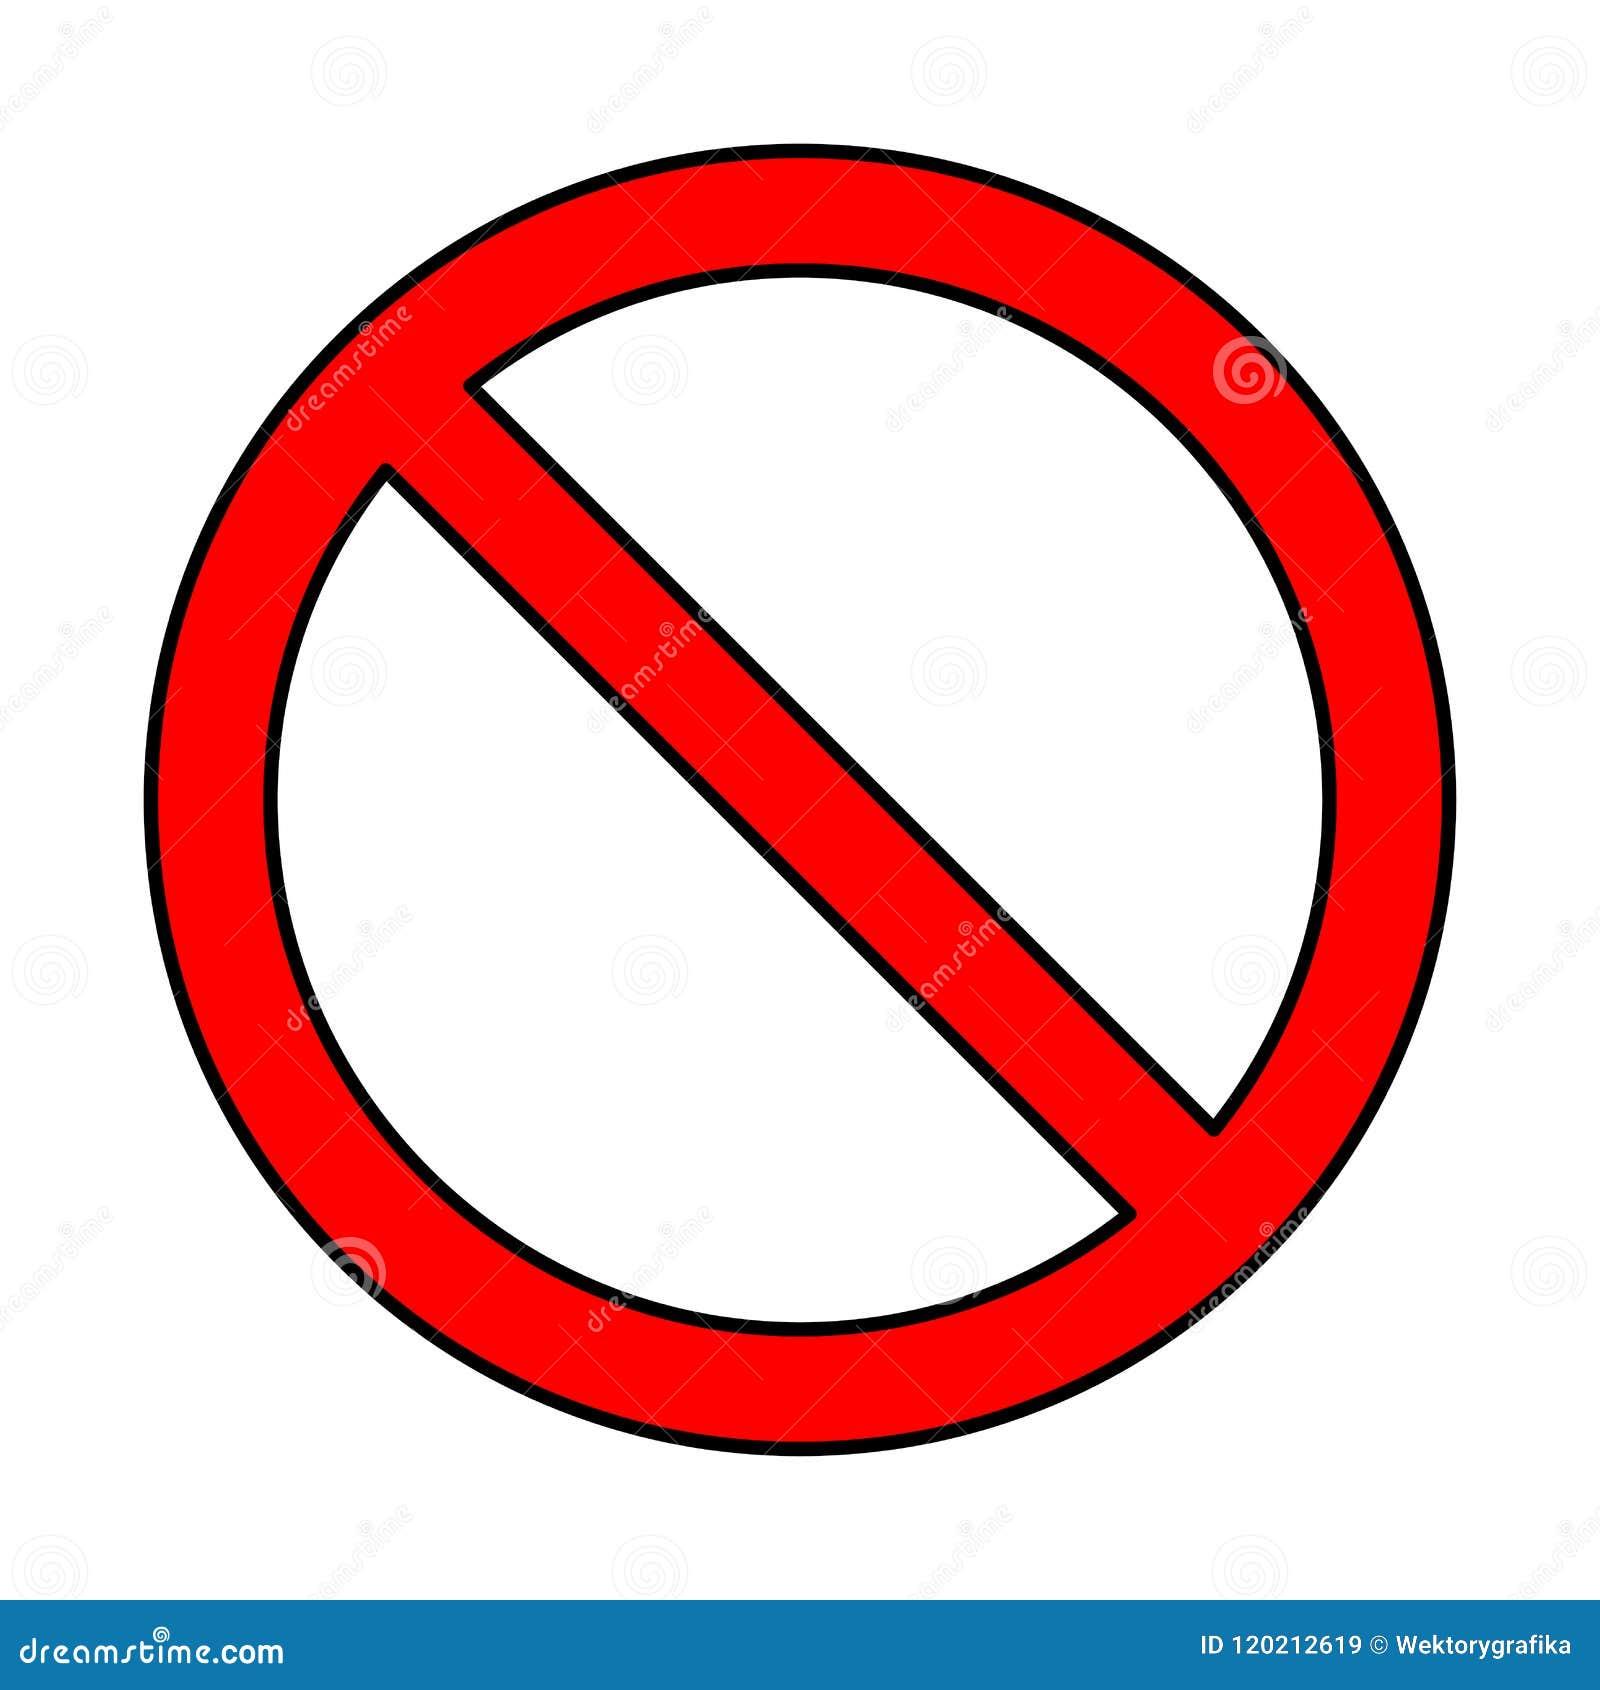 Geen die teken, het ontwerp van het verbodssymbool op witte achtergrond wordt geïsoleerd